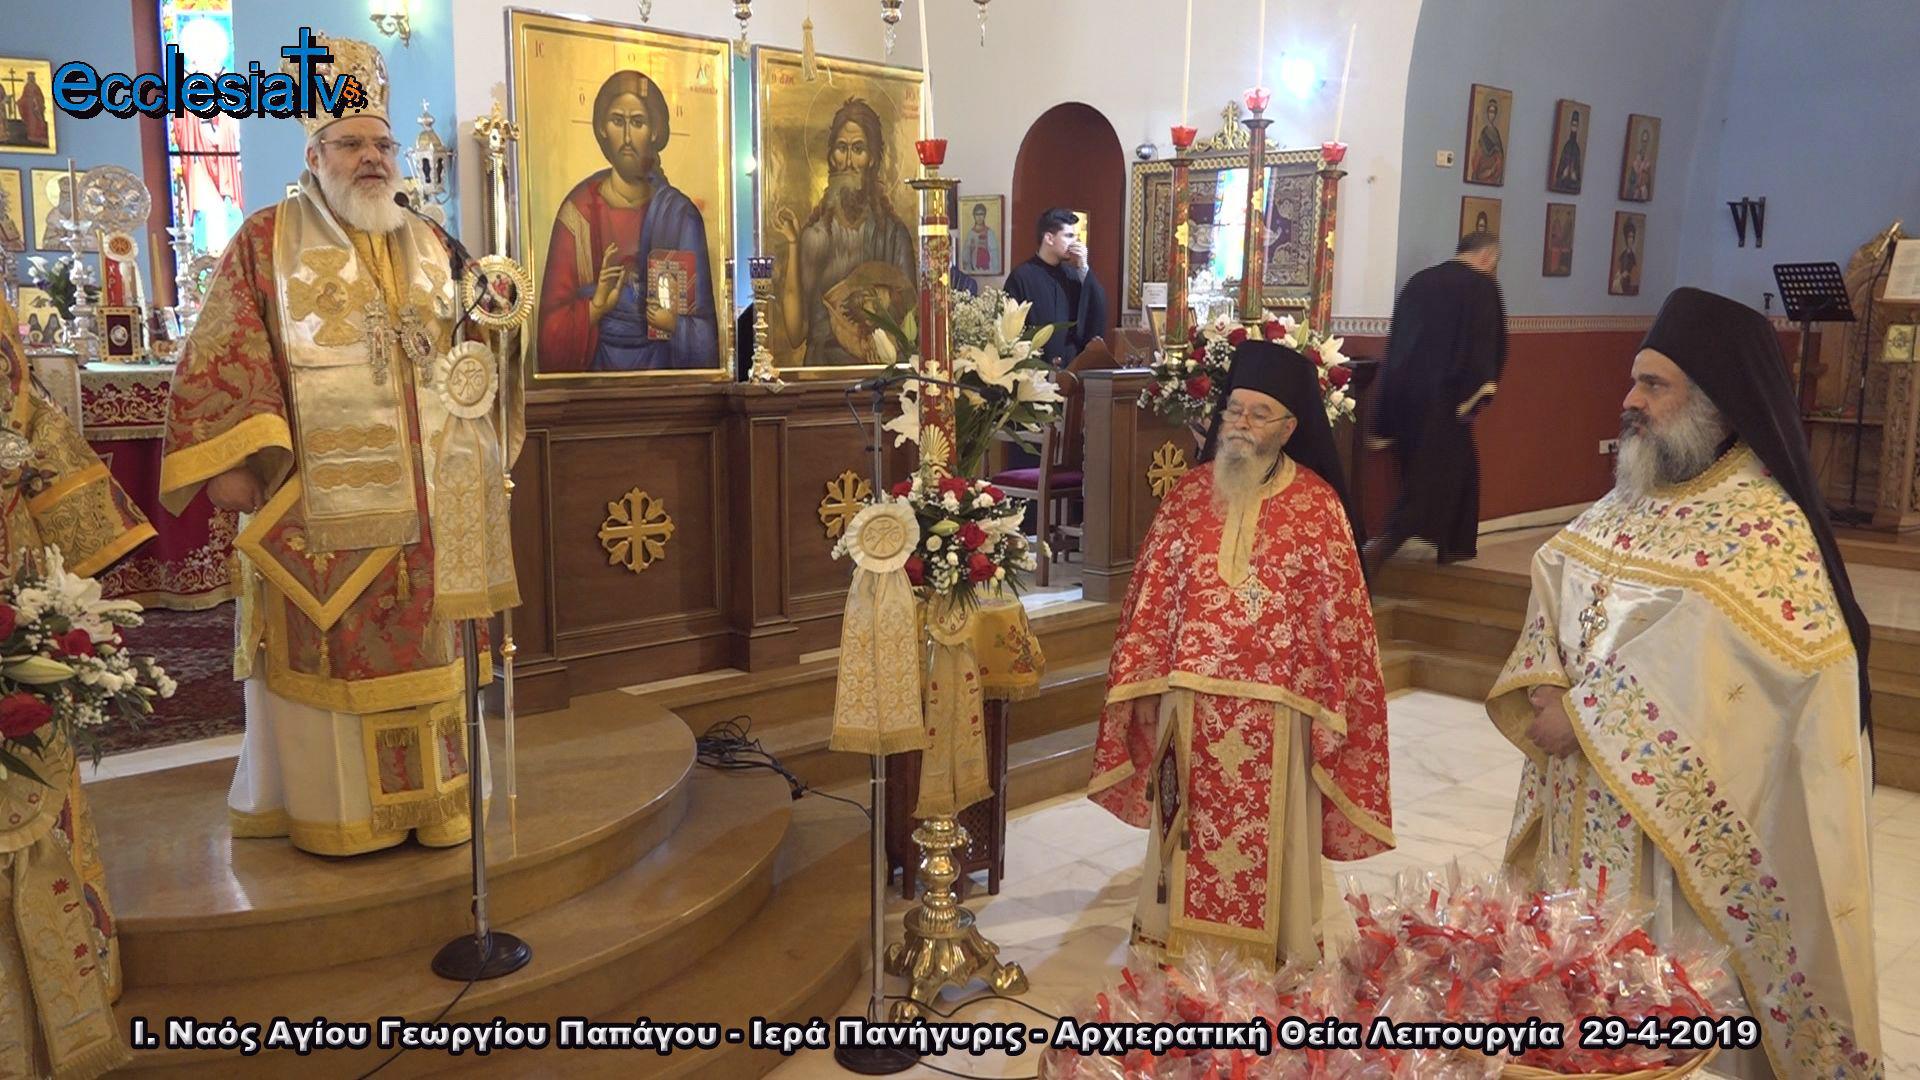 Ιερός Ναός Αγίου Γεωργίου Παπάγου - Αρχιερατική Θεία Λειτουργία, κατά την οποία ιερούργησε και ομίλησε ο Μητροπολίτης Βρεσθένης κ.Θεόκλητος 29-4-2019